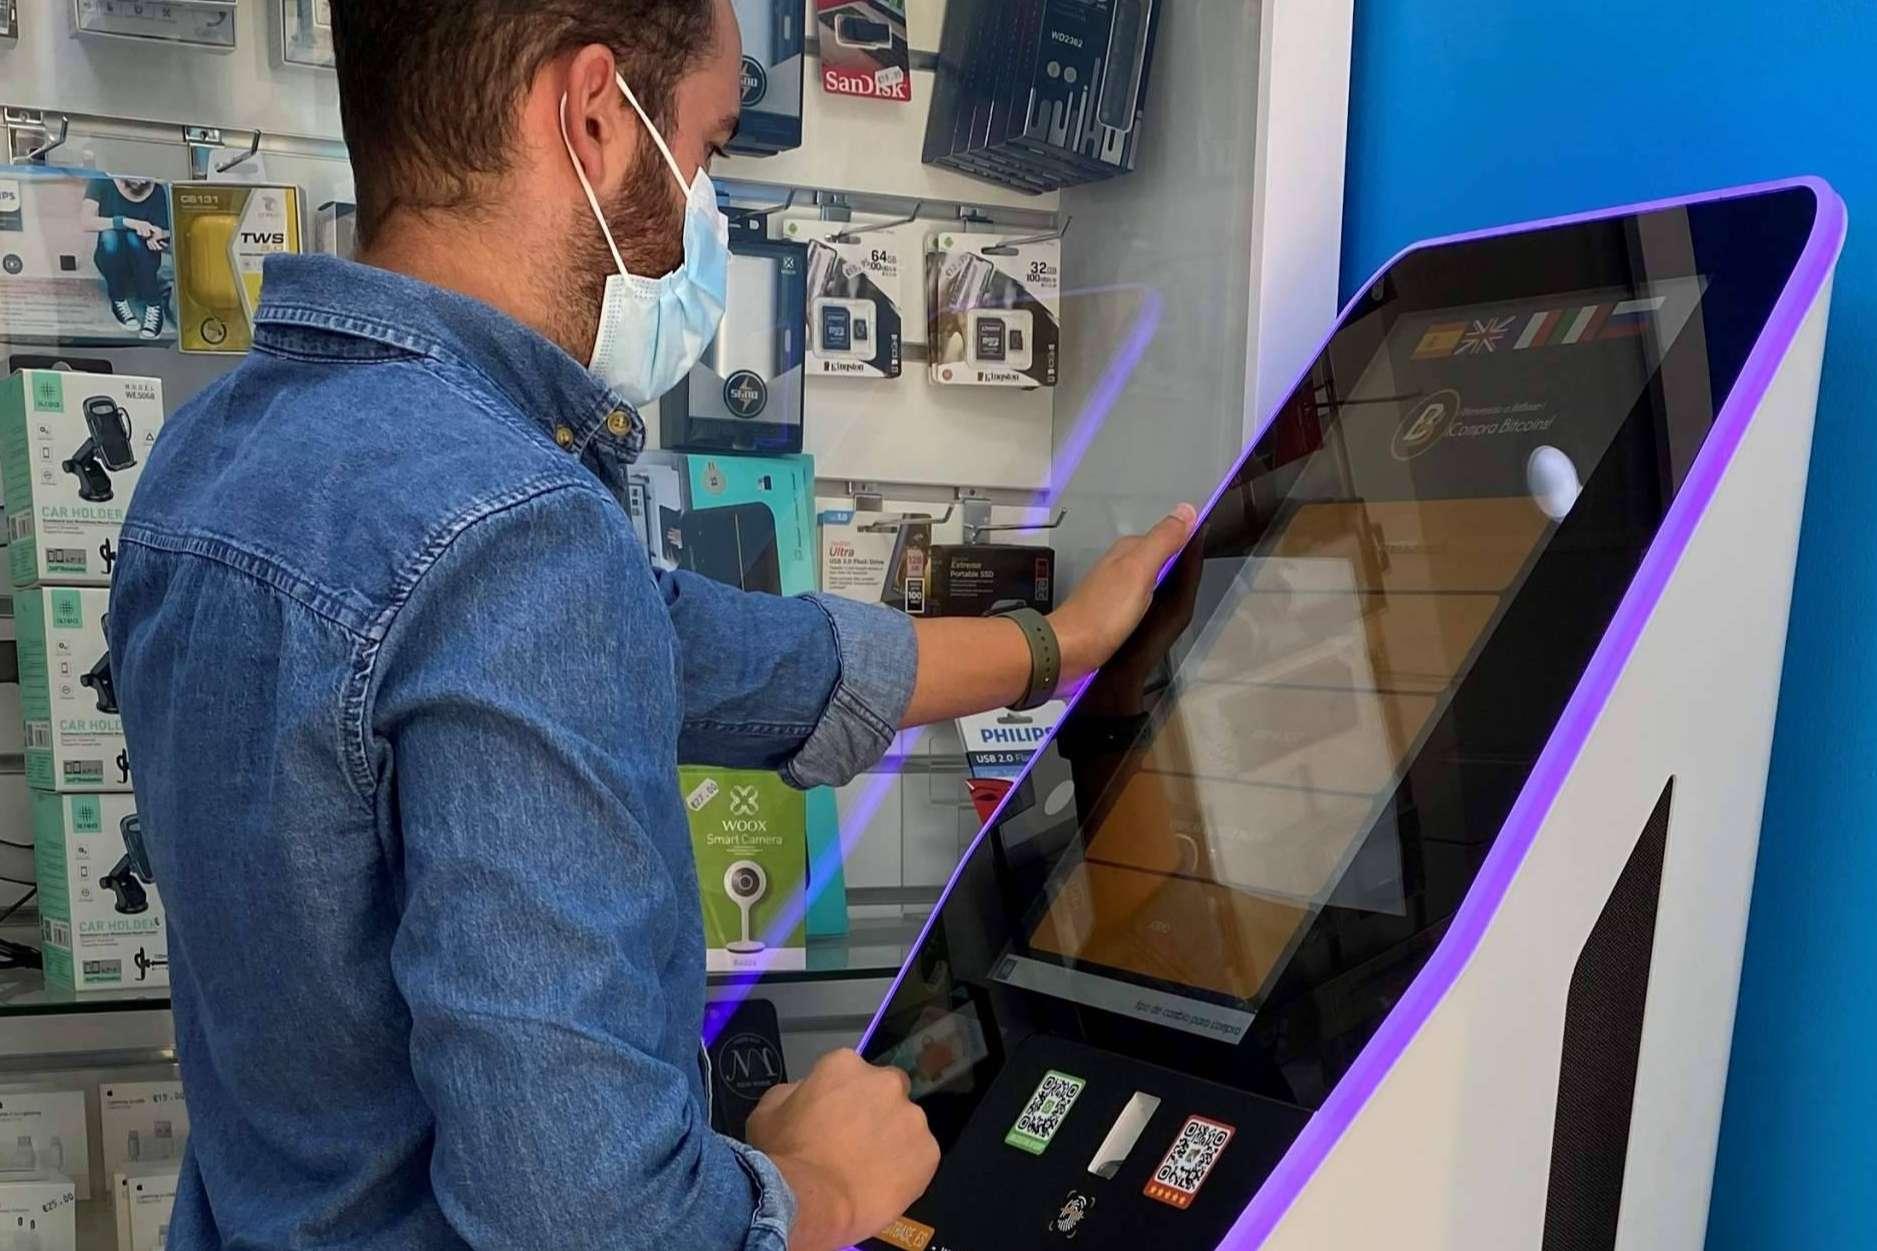 Comprar criptomonedas en el cajero Bitcoin en Sevilla situado en Reparación iPhone Sevilla